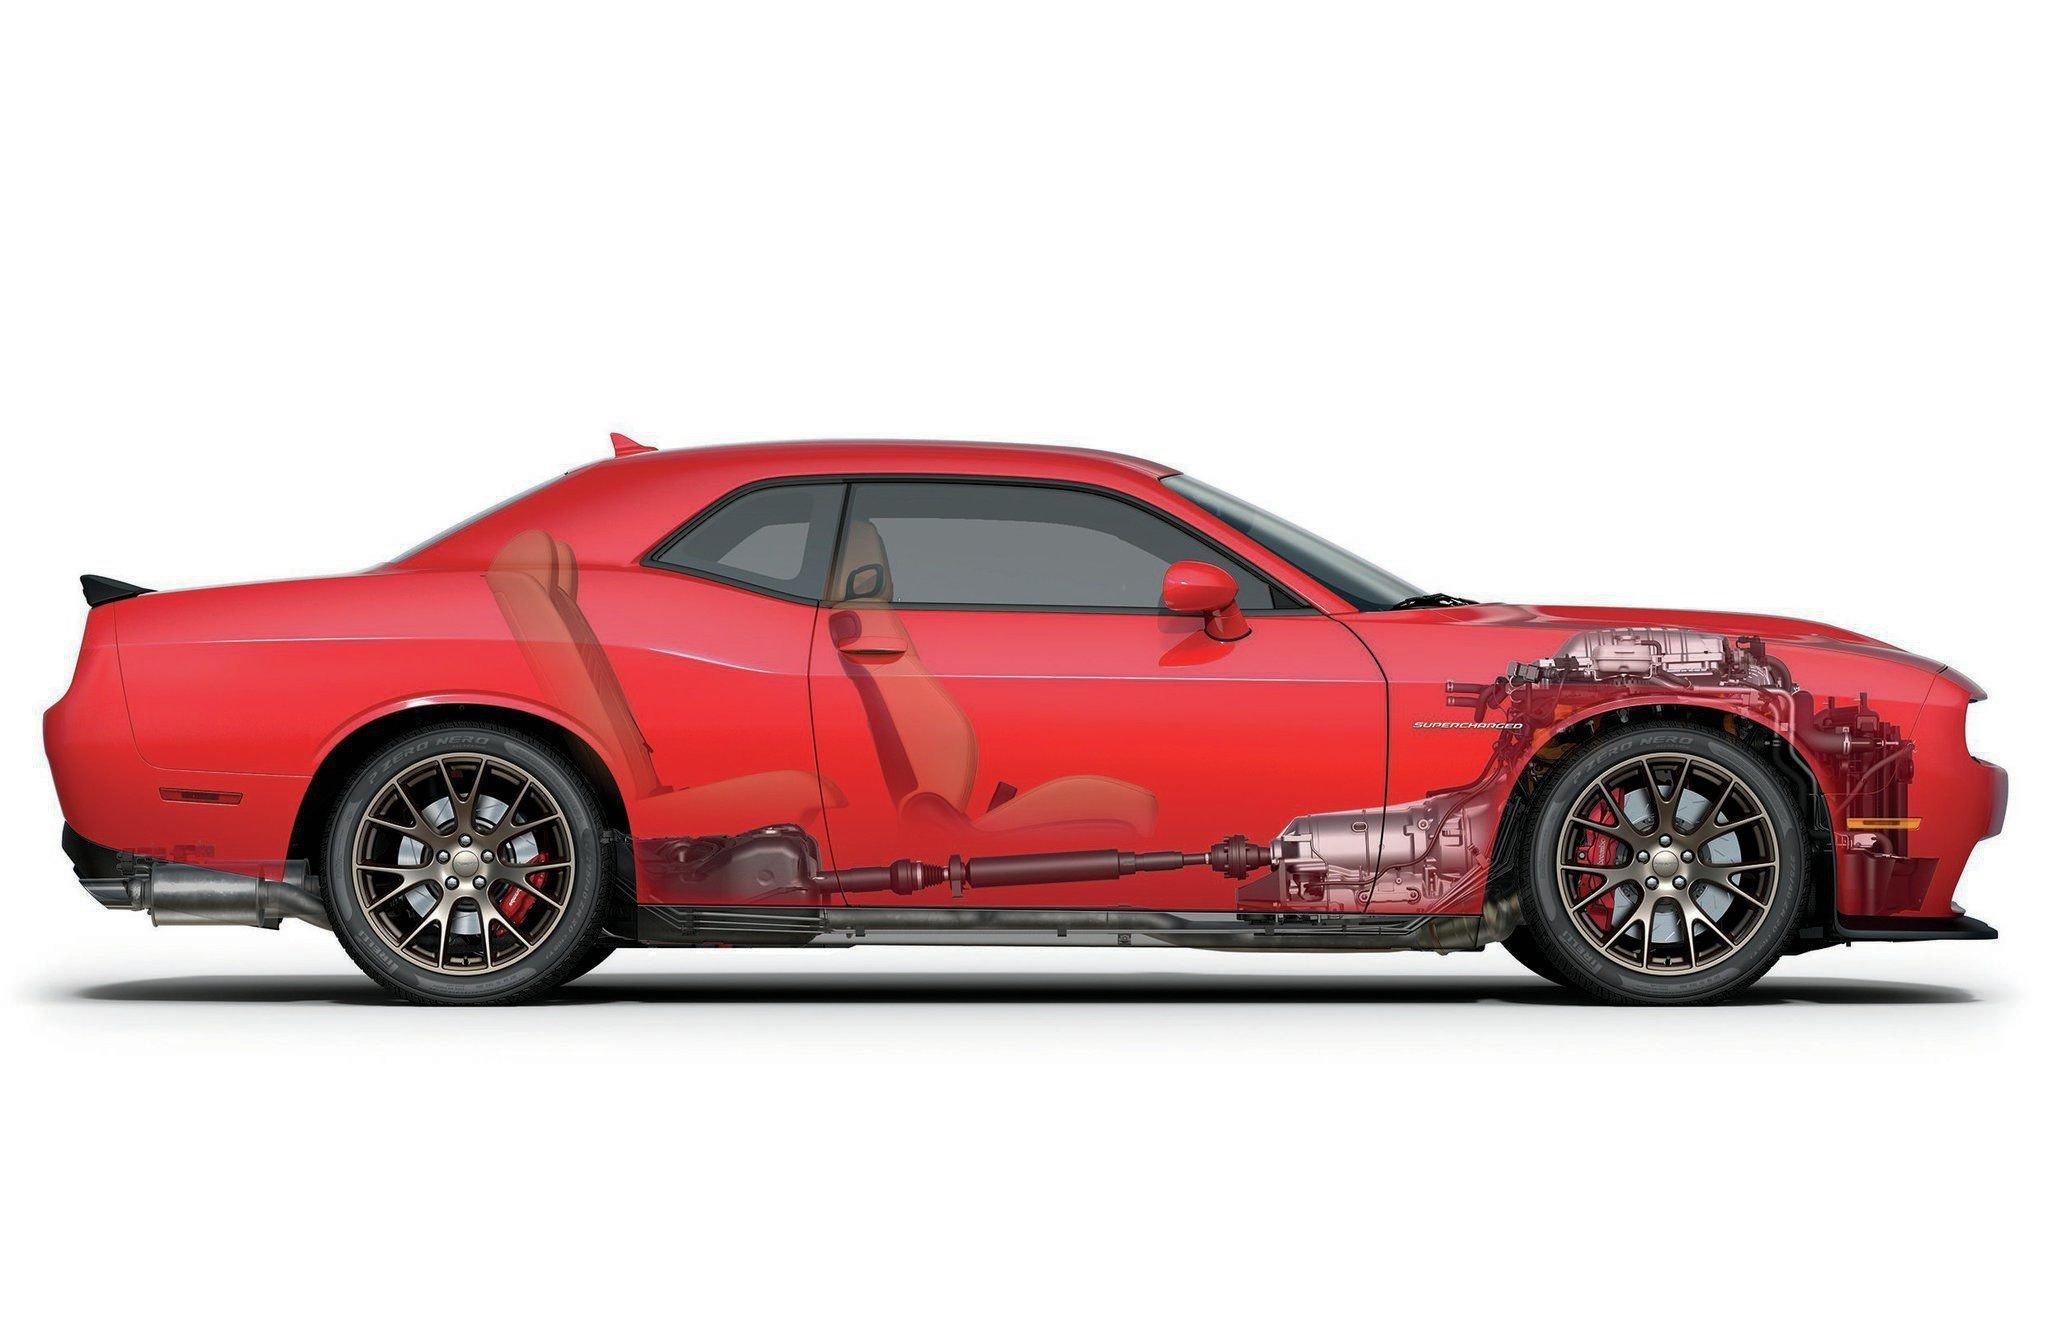 2015 Dodge Challenger Hellcat-03 wallpaper